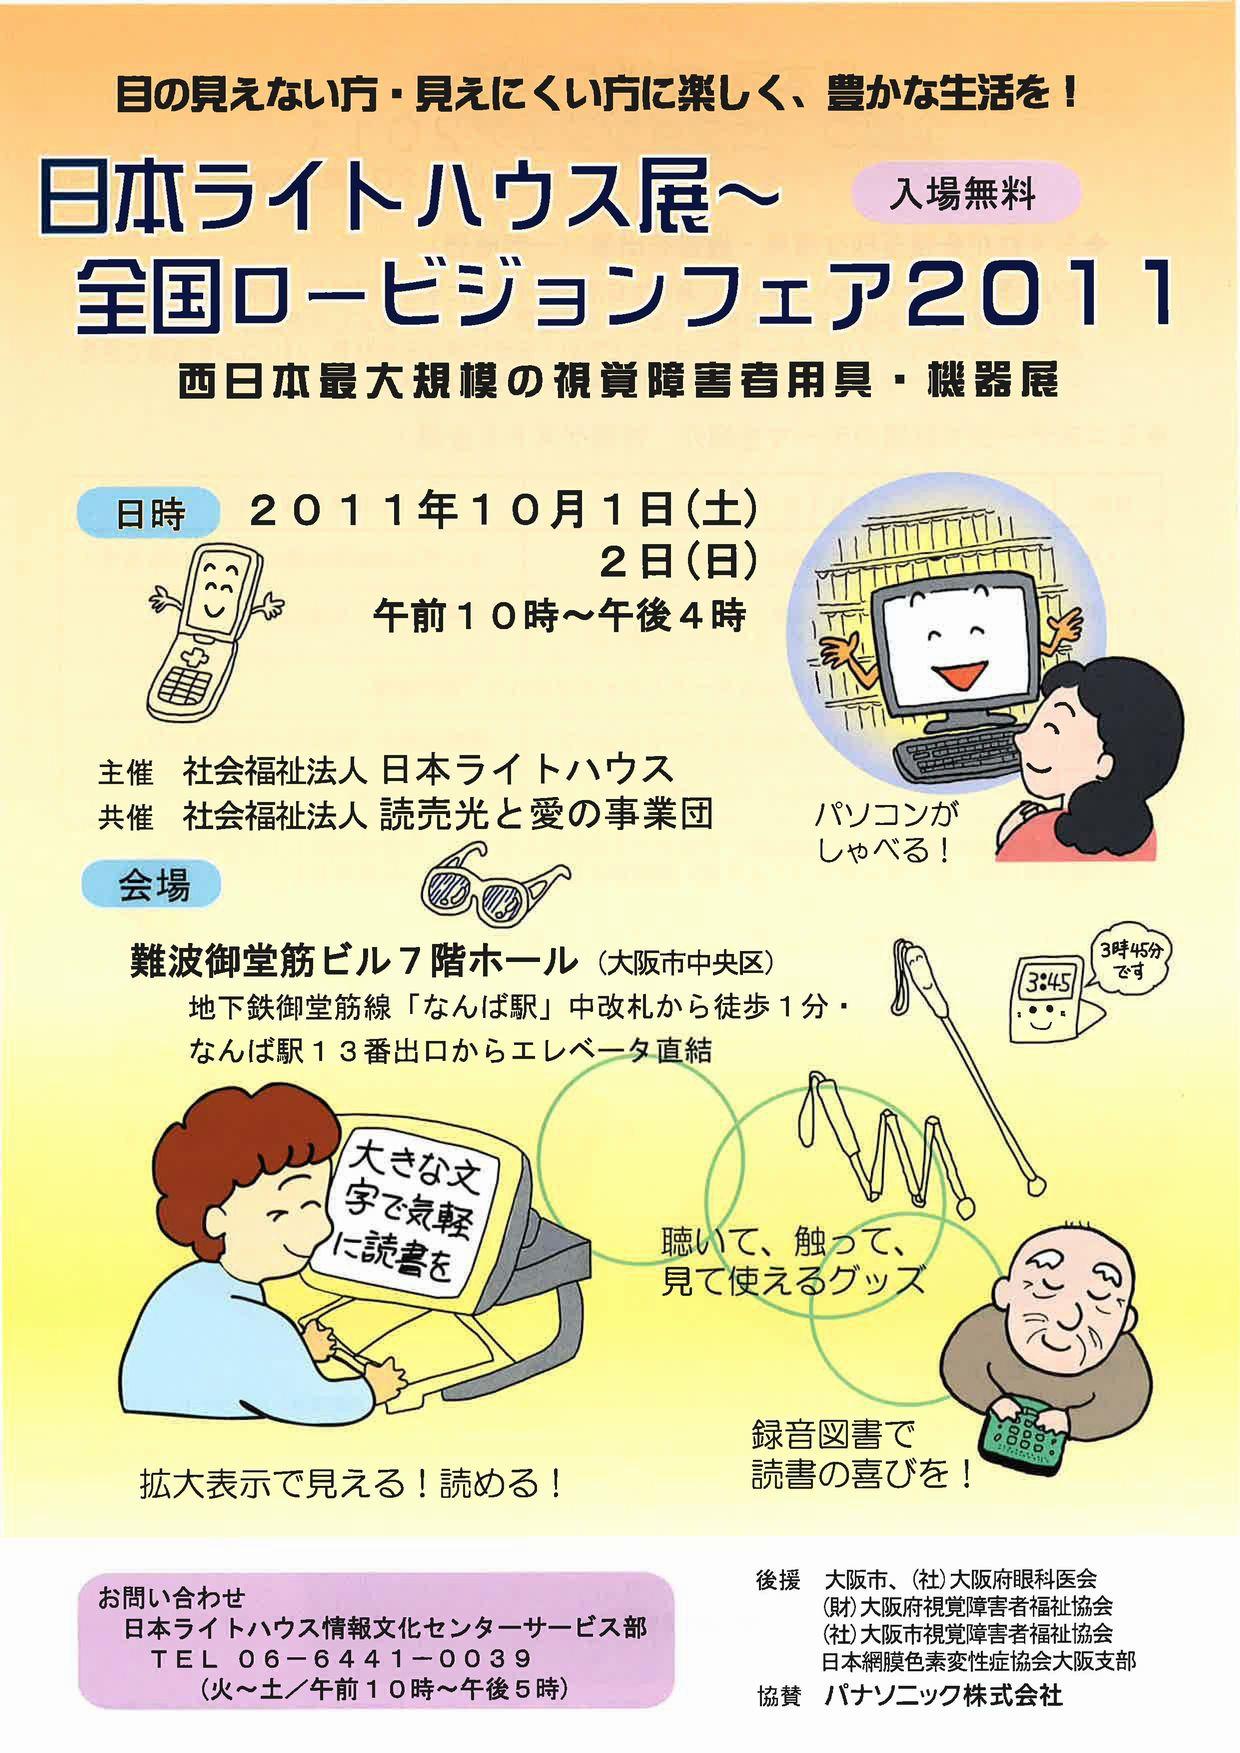 『日本ライトハウス展~全国ロービジョンフェア2011』